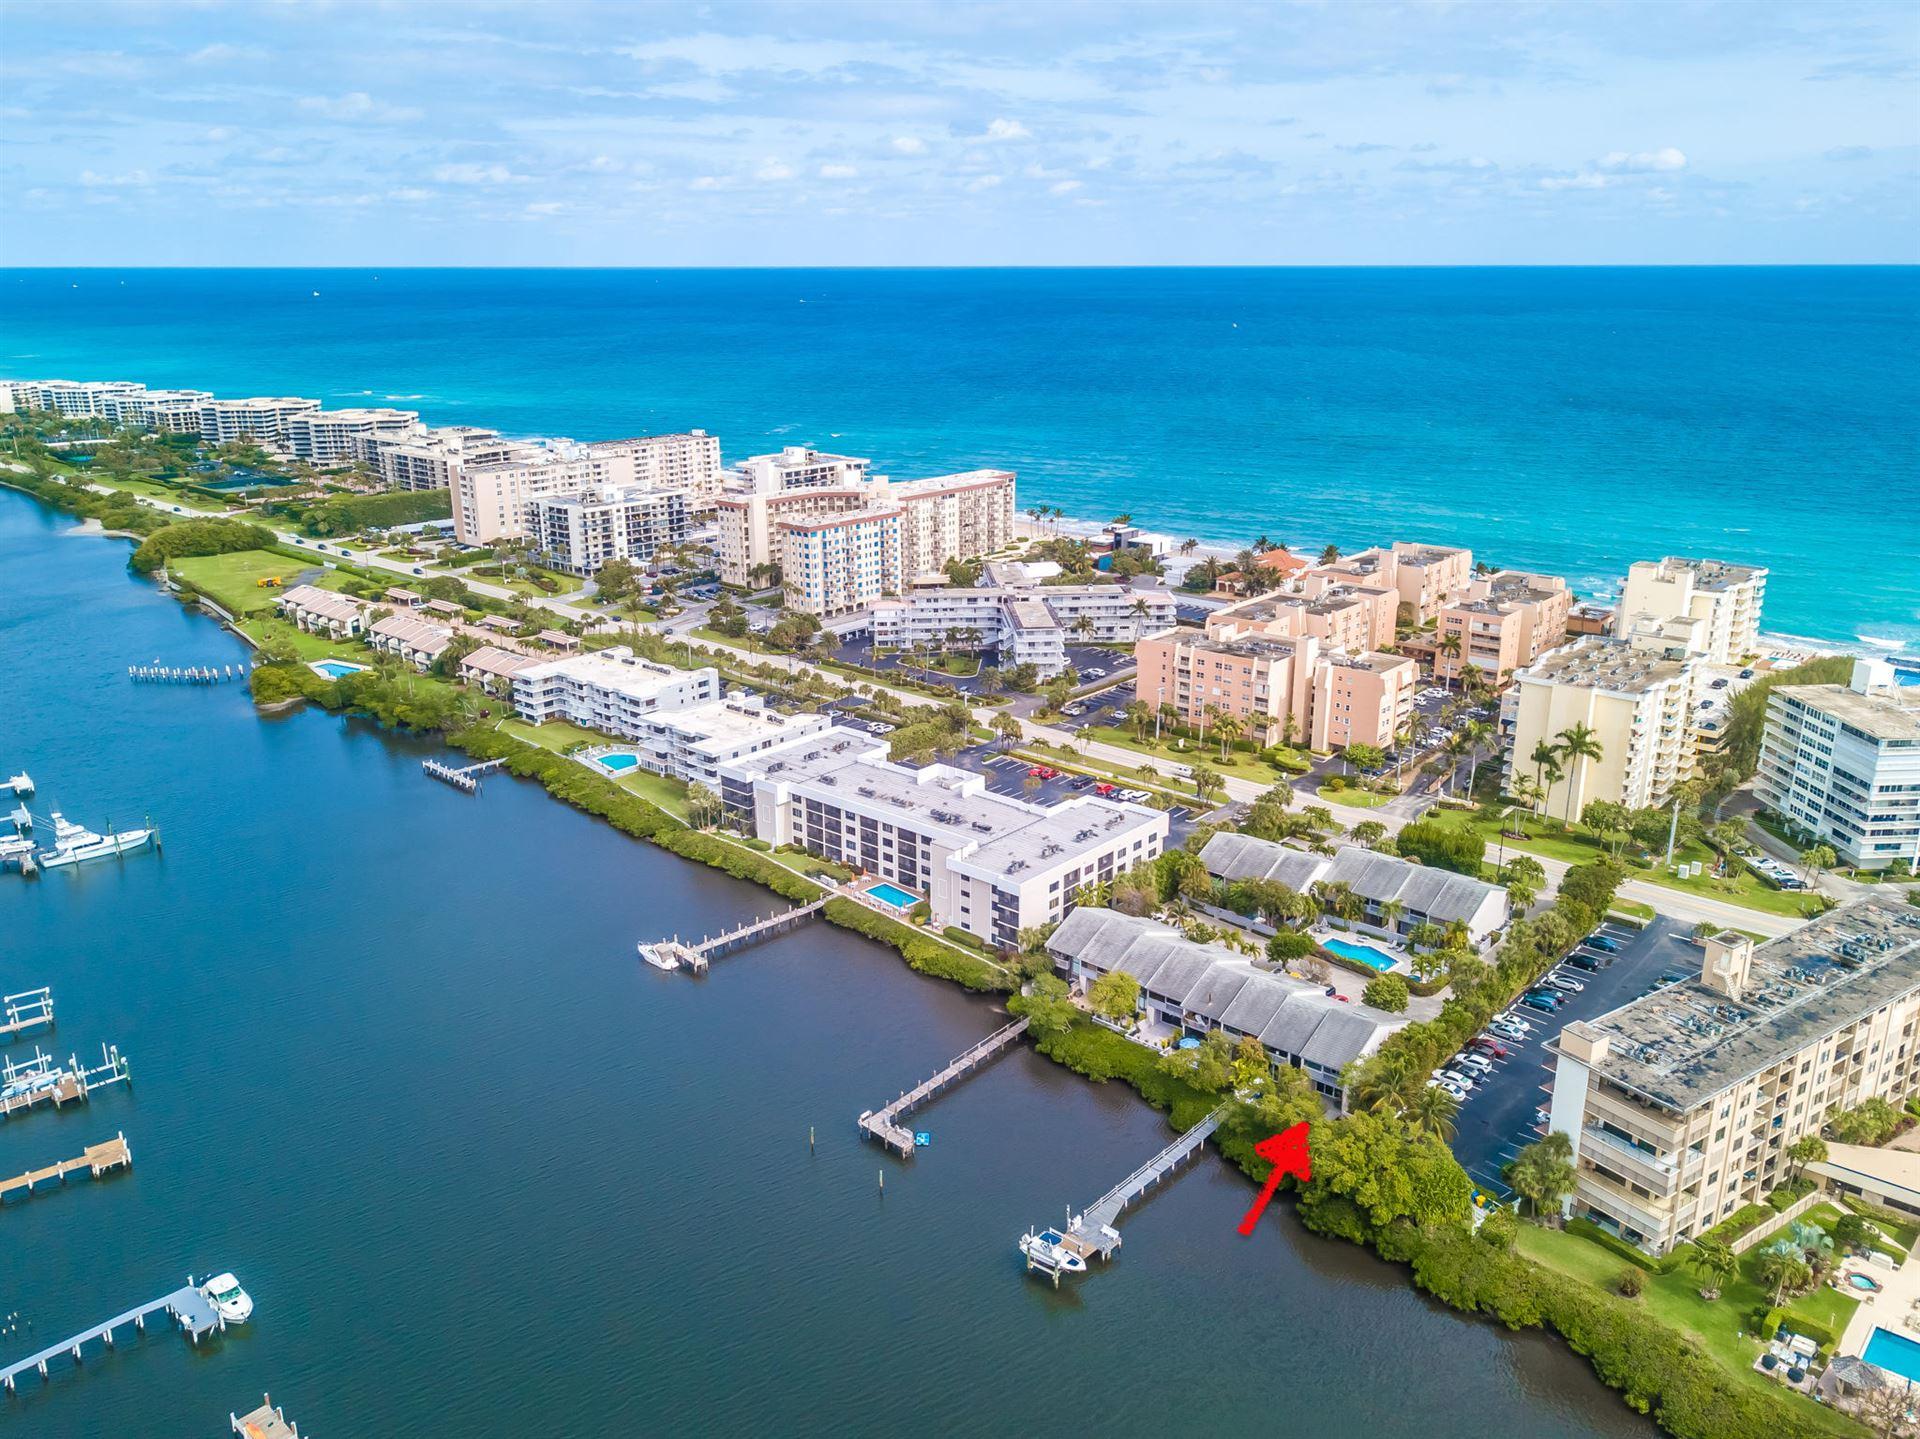 3543 S Ocean 108 Boulevard #108, South Palm Beach, FL 33480 - #: RX-10600941